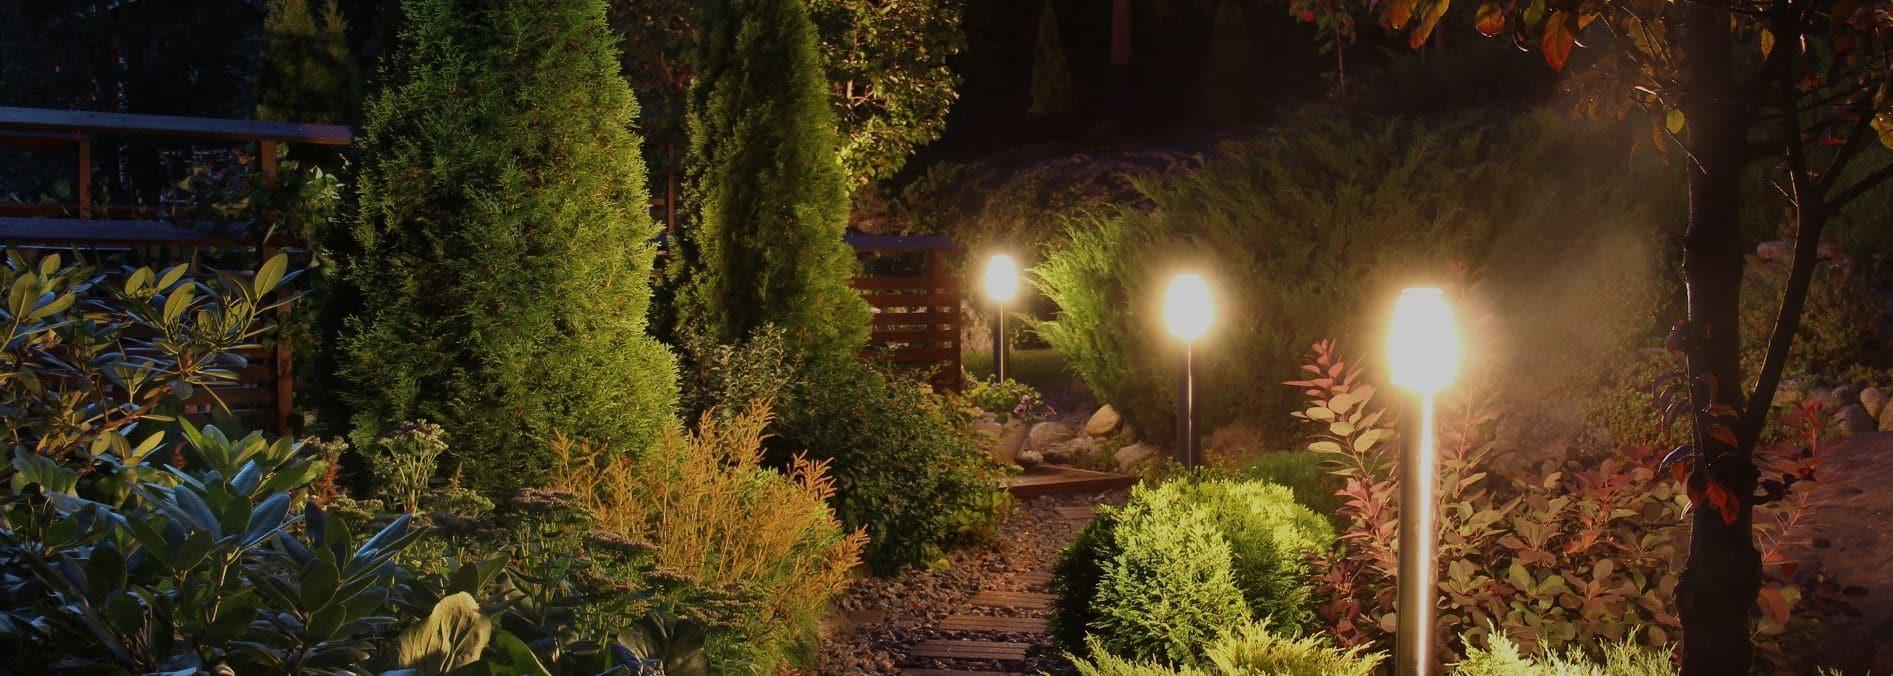 ¿Cómo brilla tu jardín? 12 ideas luminosas de iluminación exterior